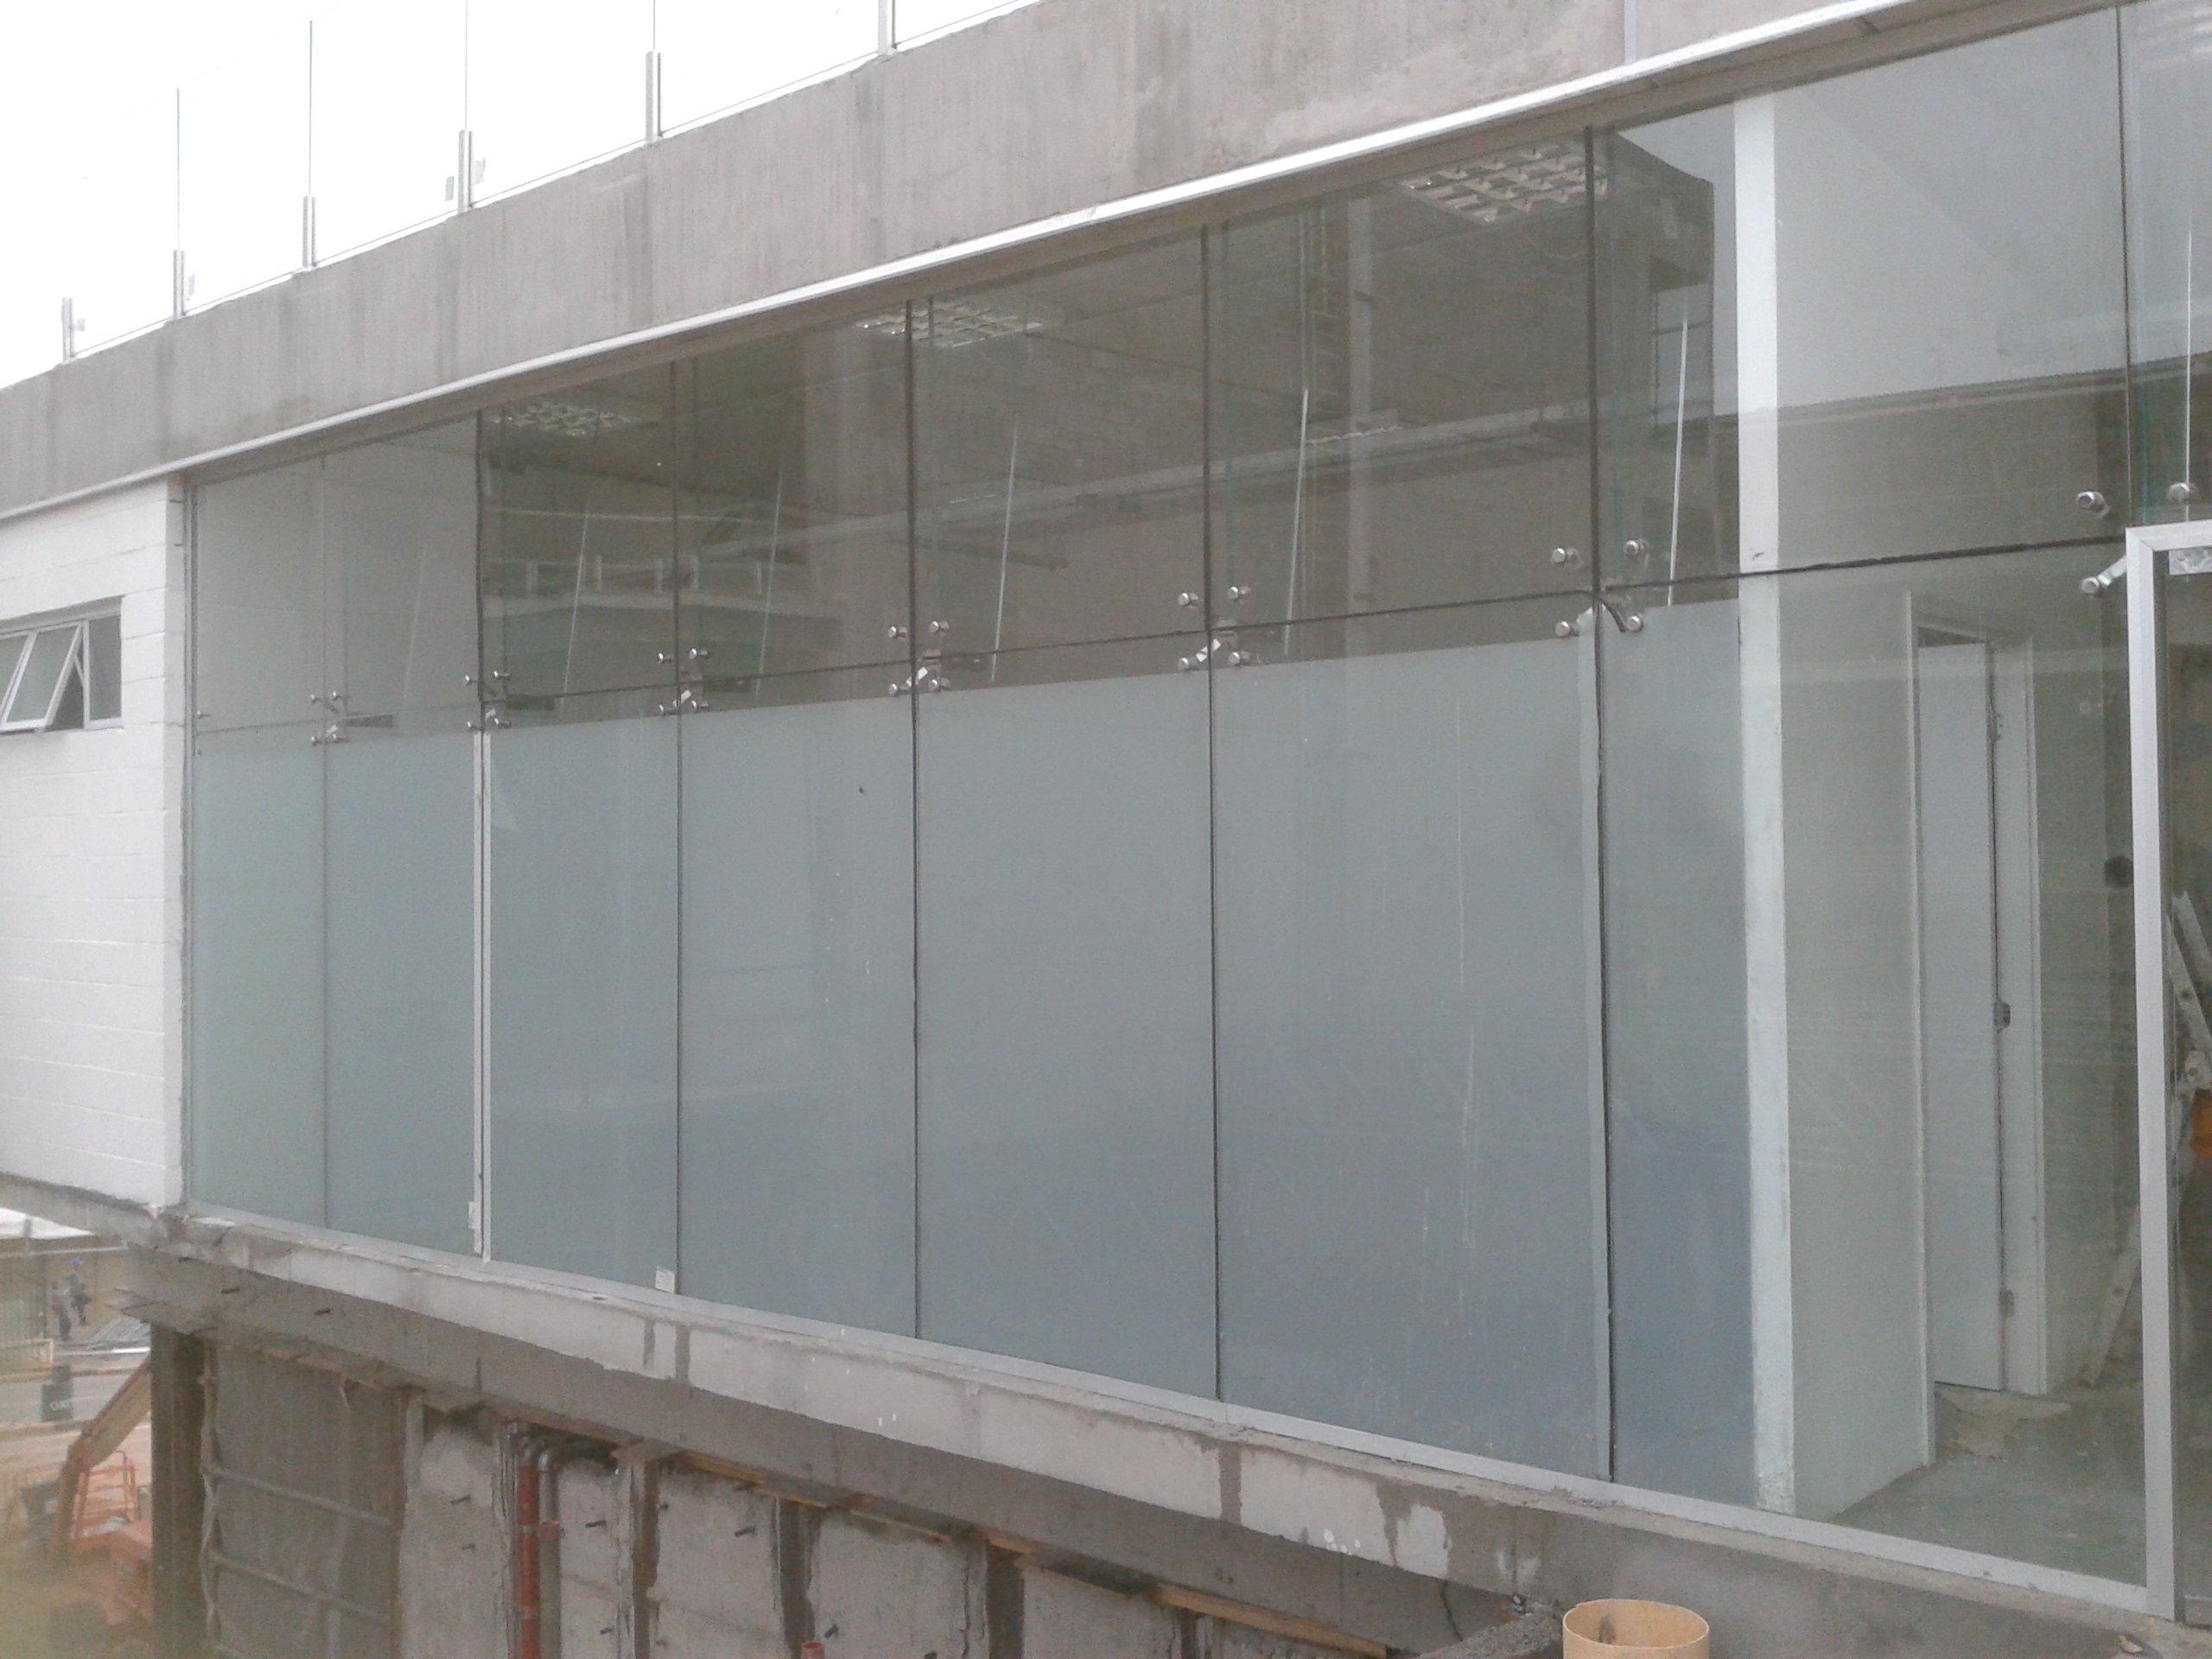 Salas com branco jateado. Película garante privacidade total do ambiente independente da luminosidade interna e externa